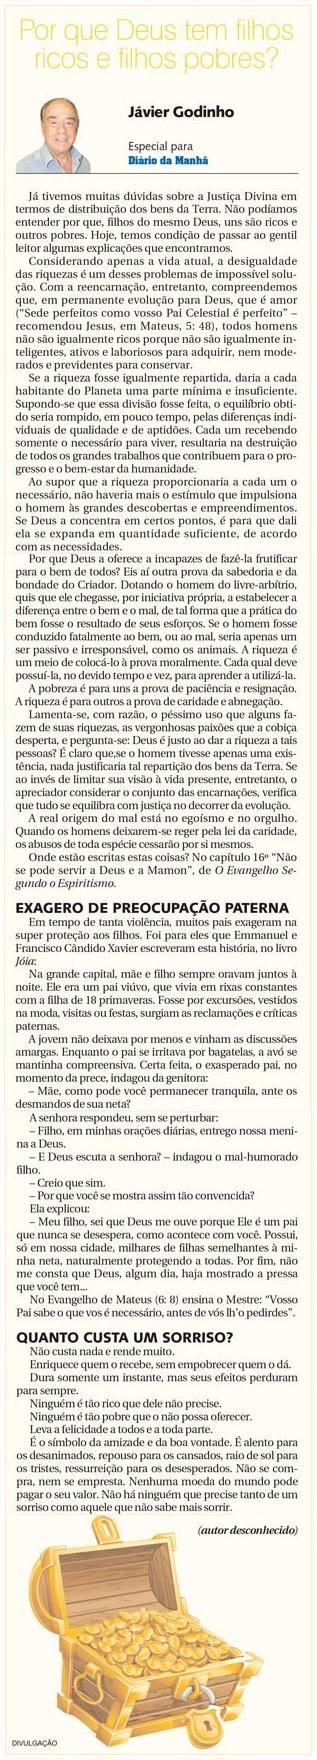 DM 16-07-2014 - Por que Deus tem filhos ricos e filhos pobres - Jávier Godinho